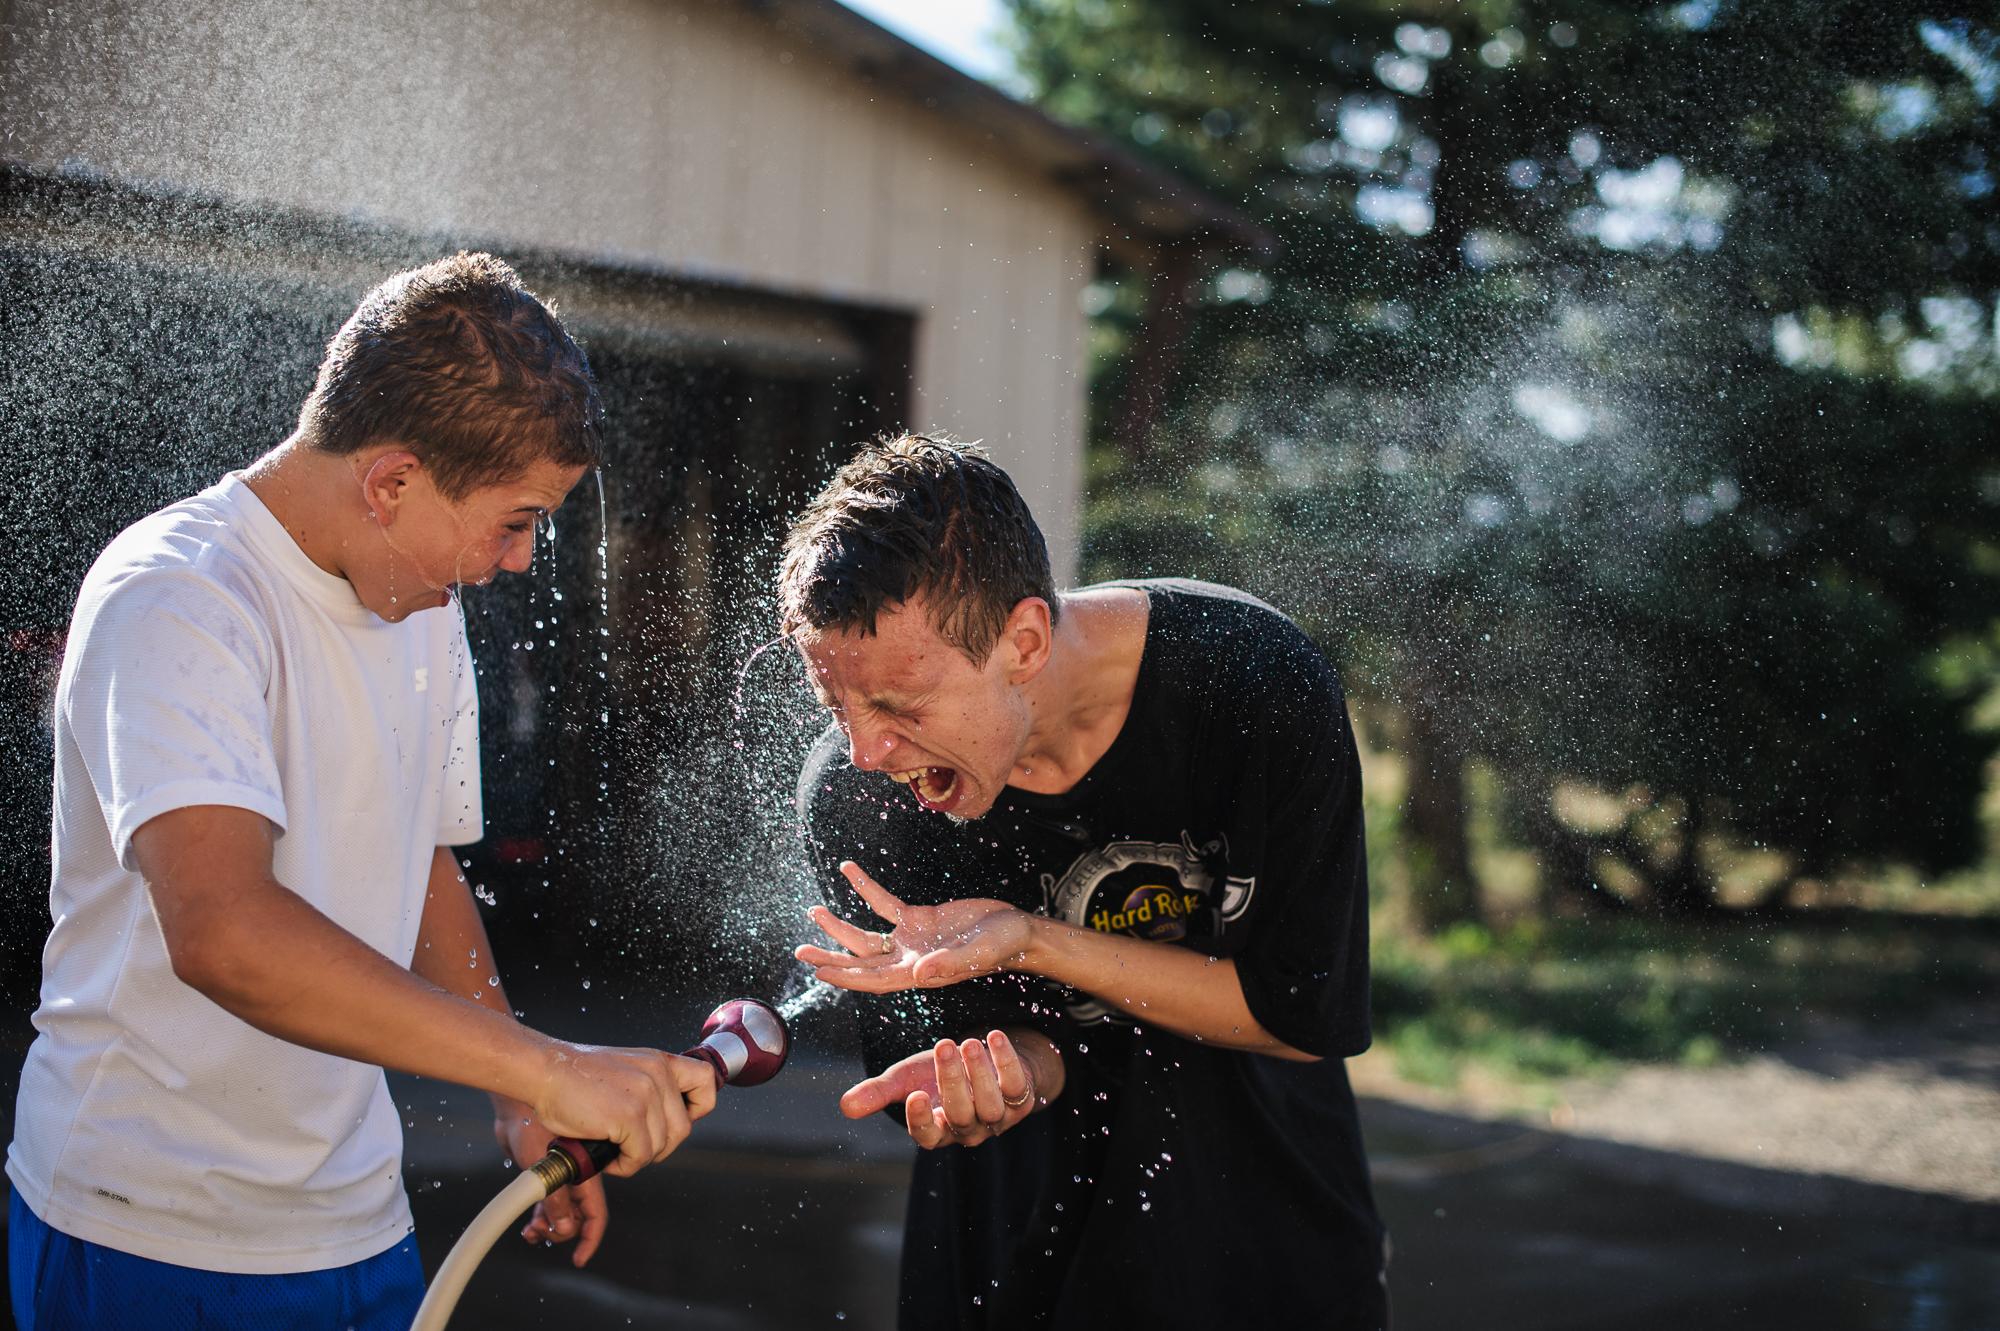 Vinny, age 13, sprays David, age 19, with a hose, 2012.